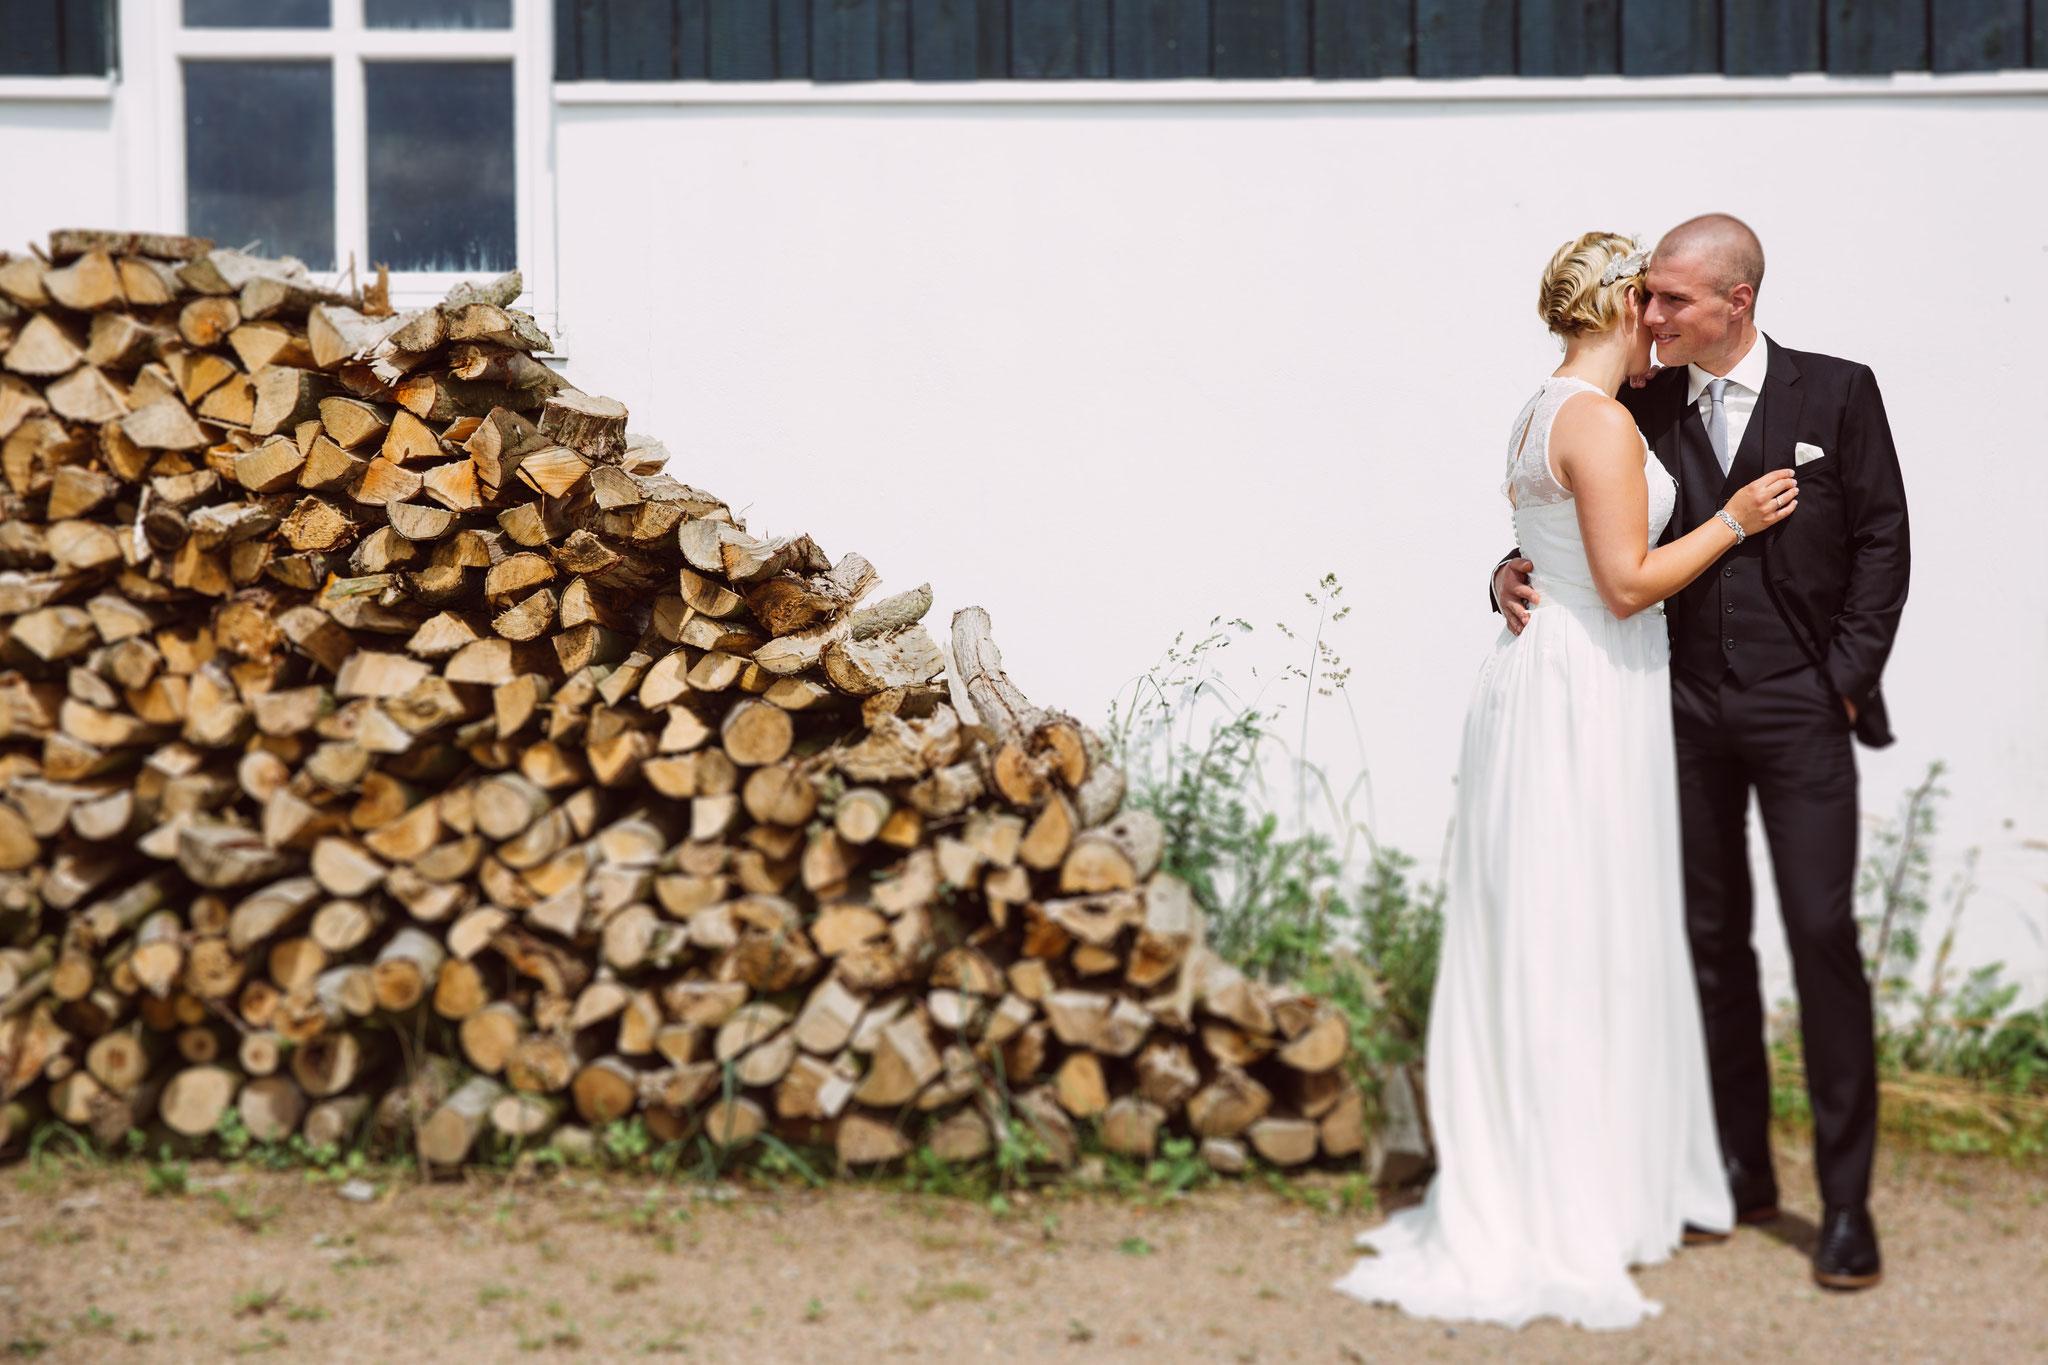 Braut, Bräutigan und ganz schön viel Feuerholz